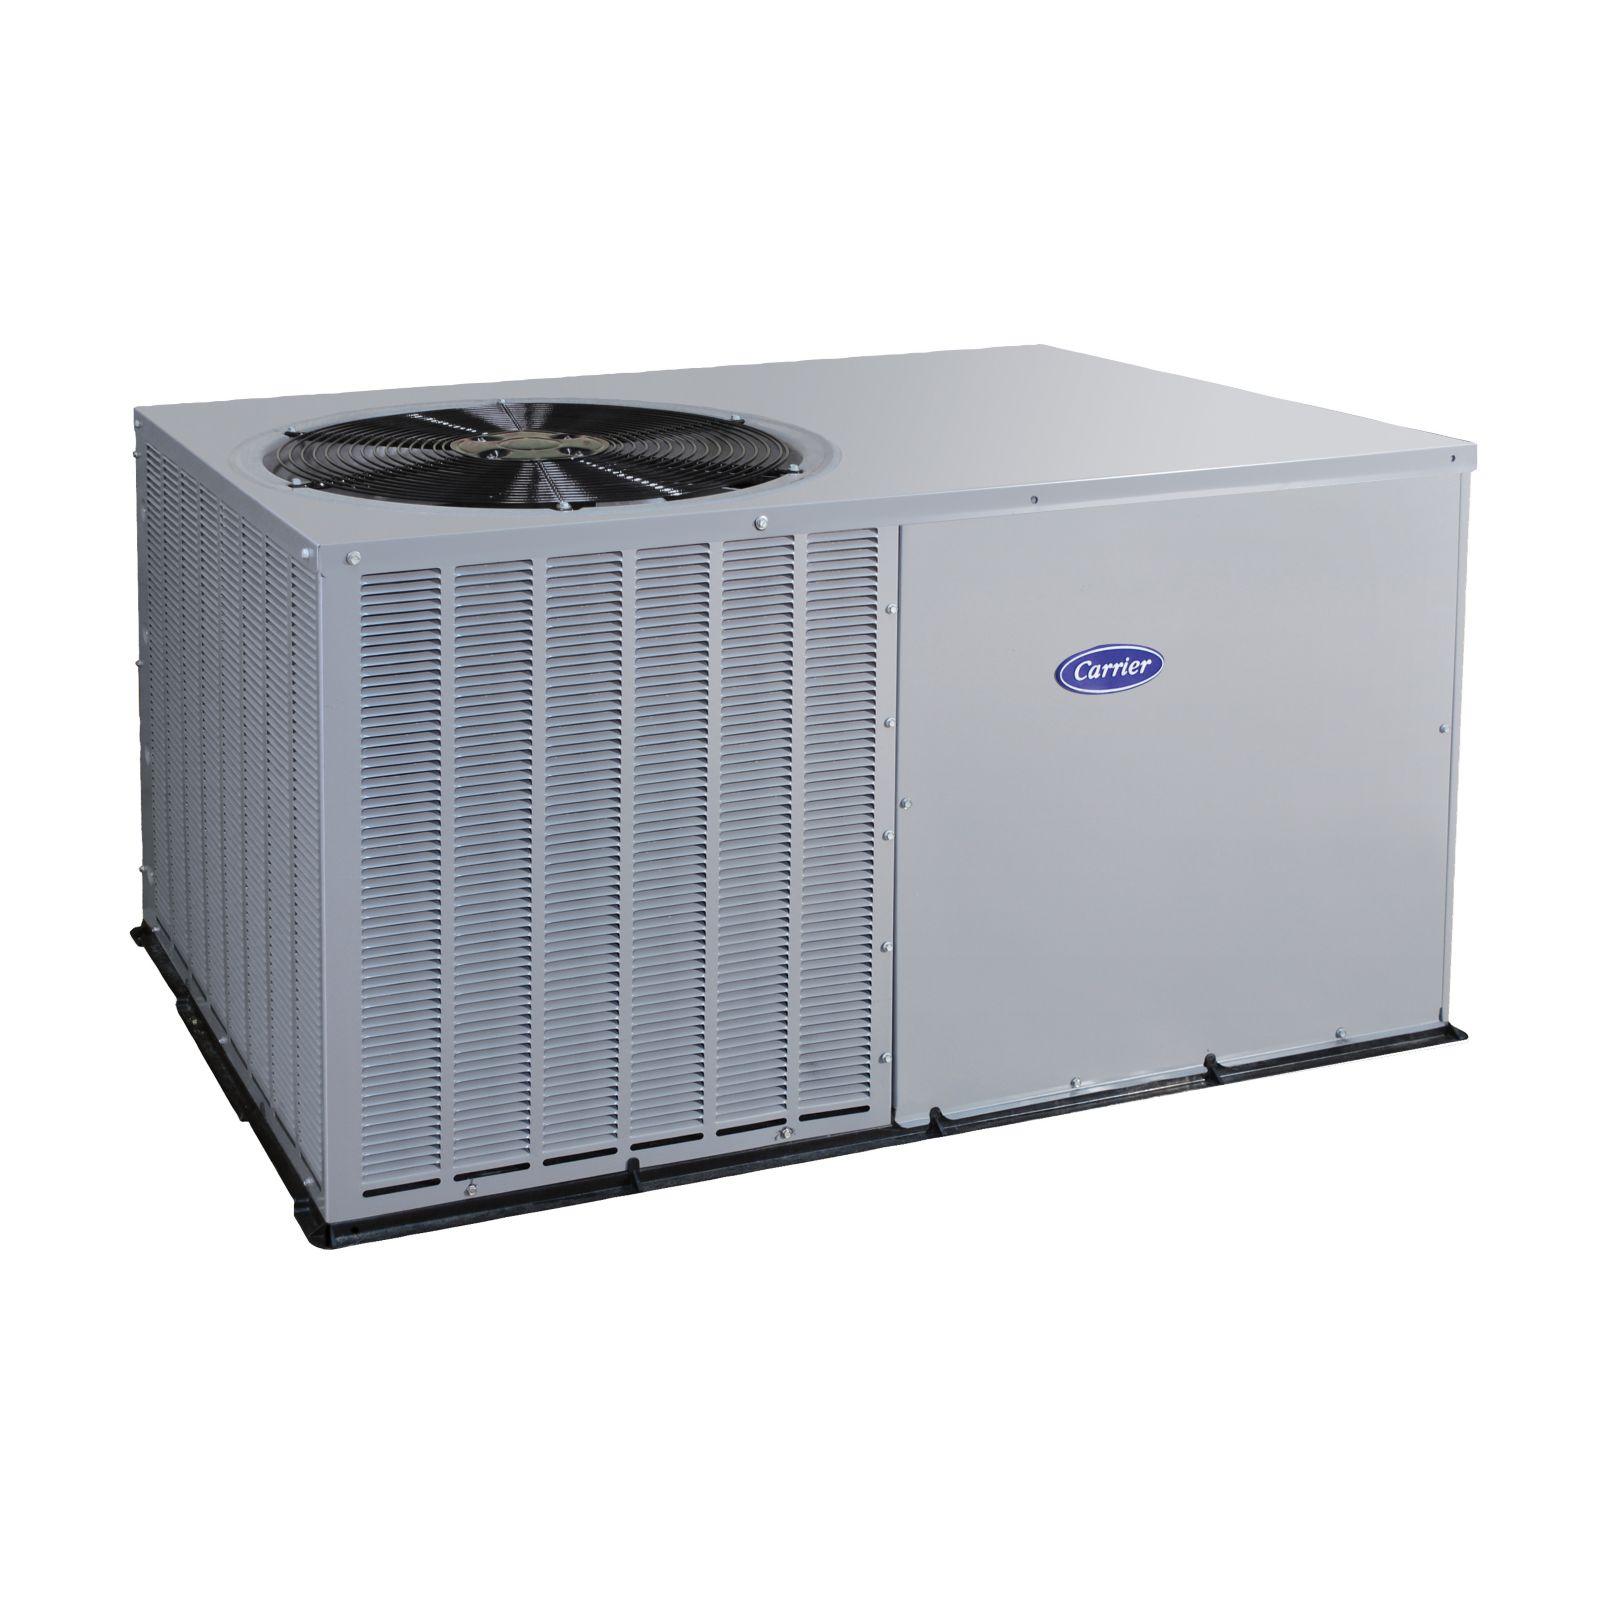 Carrier Packaged Heat Pump 3 Ton 14 SEER   Carrier HVAC